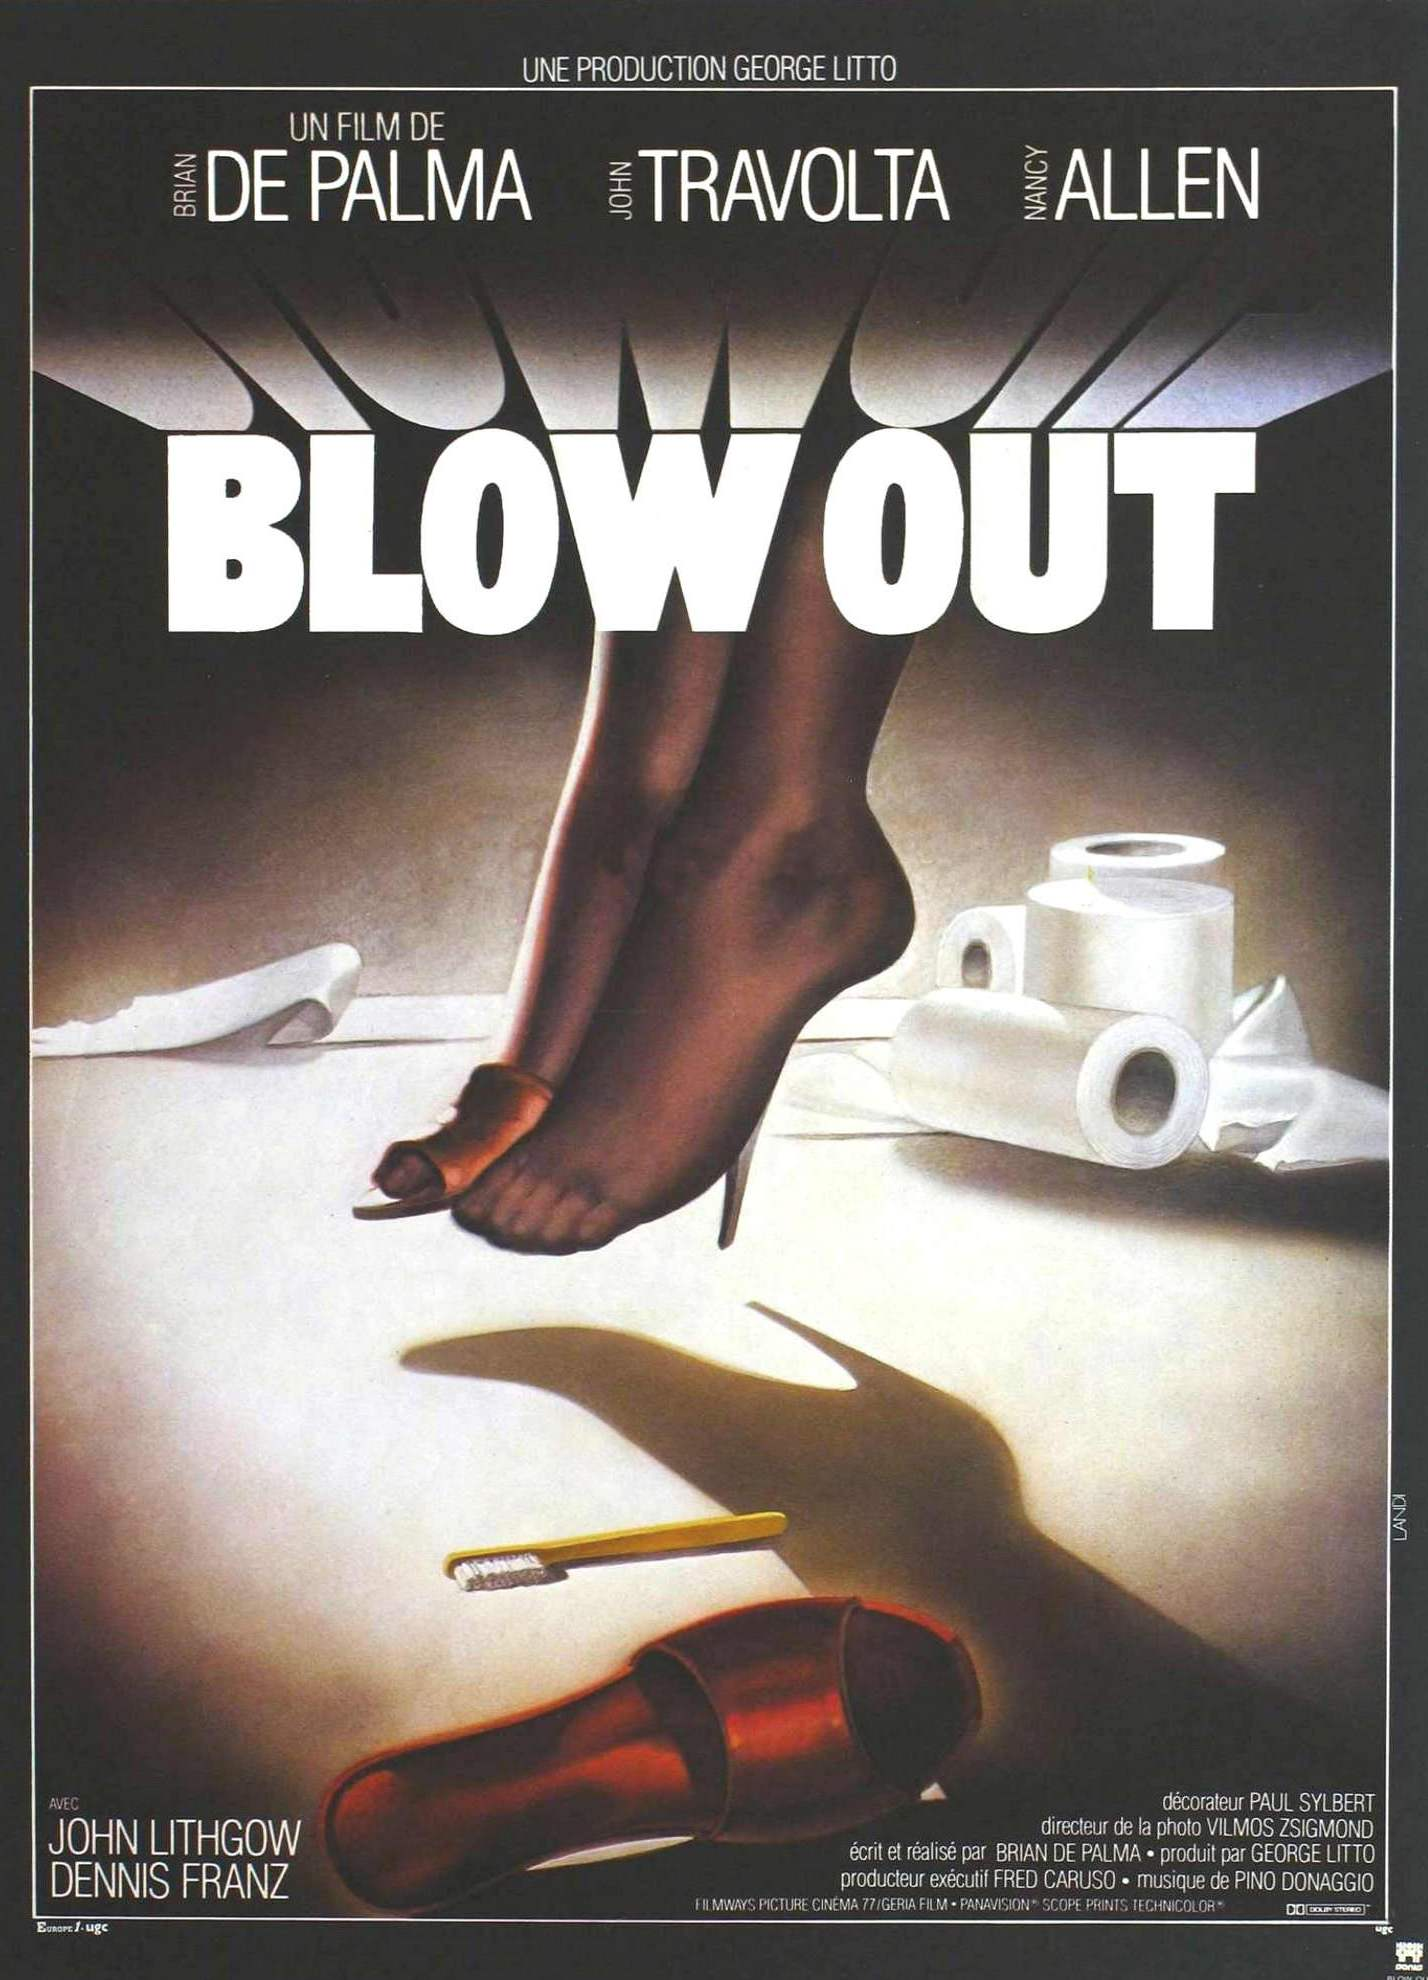 blow-out-1981-depalma.jpg